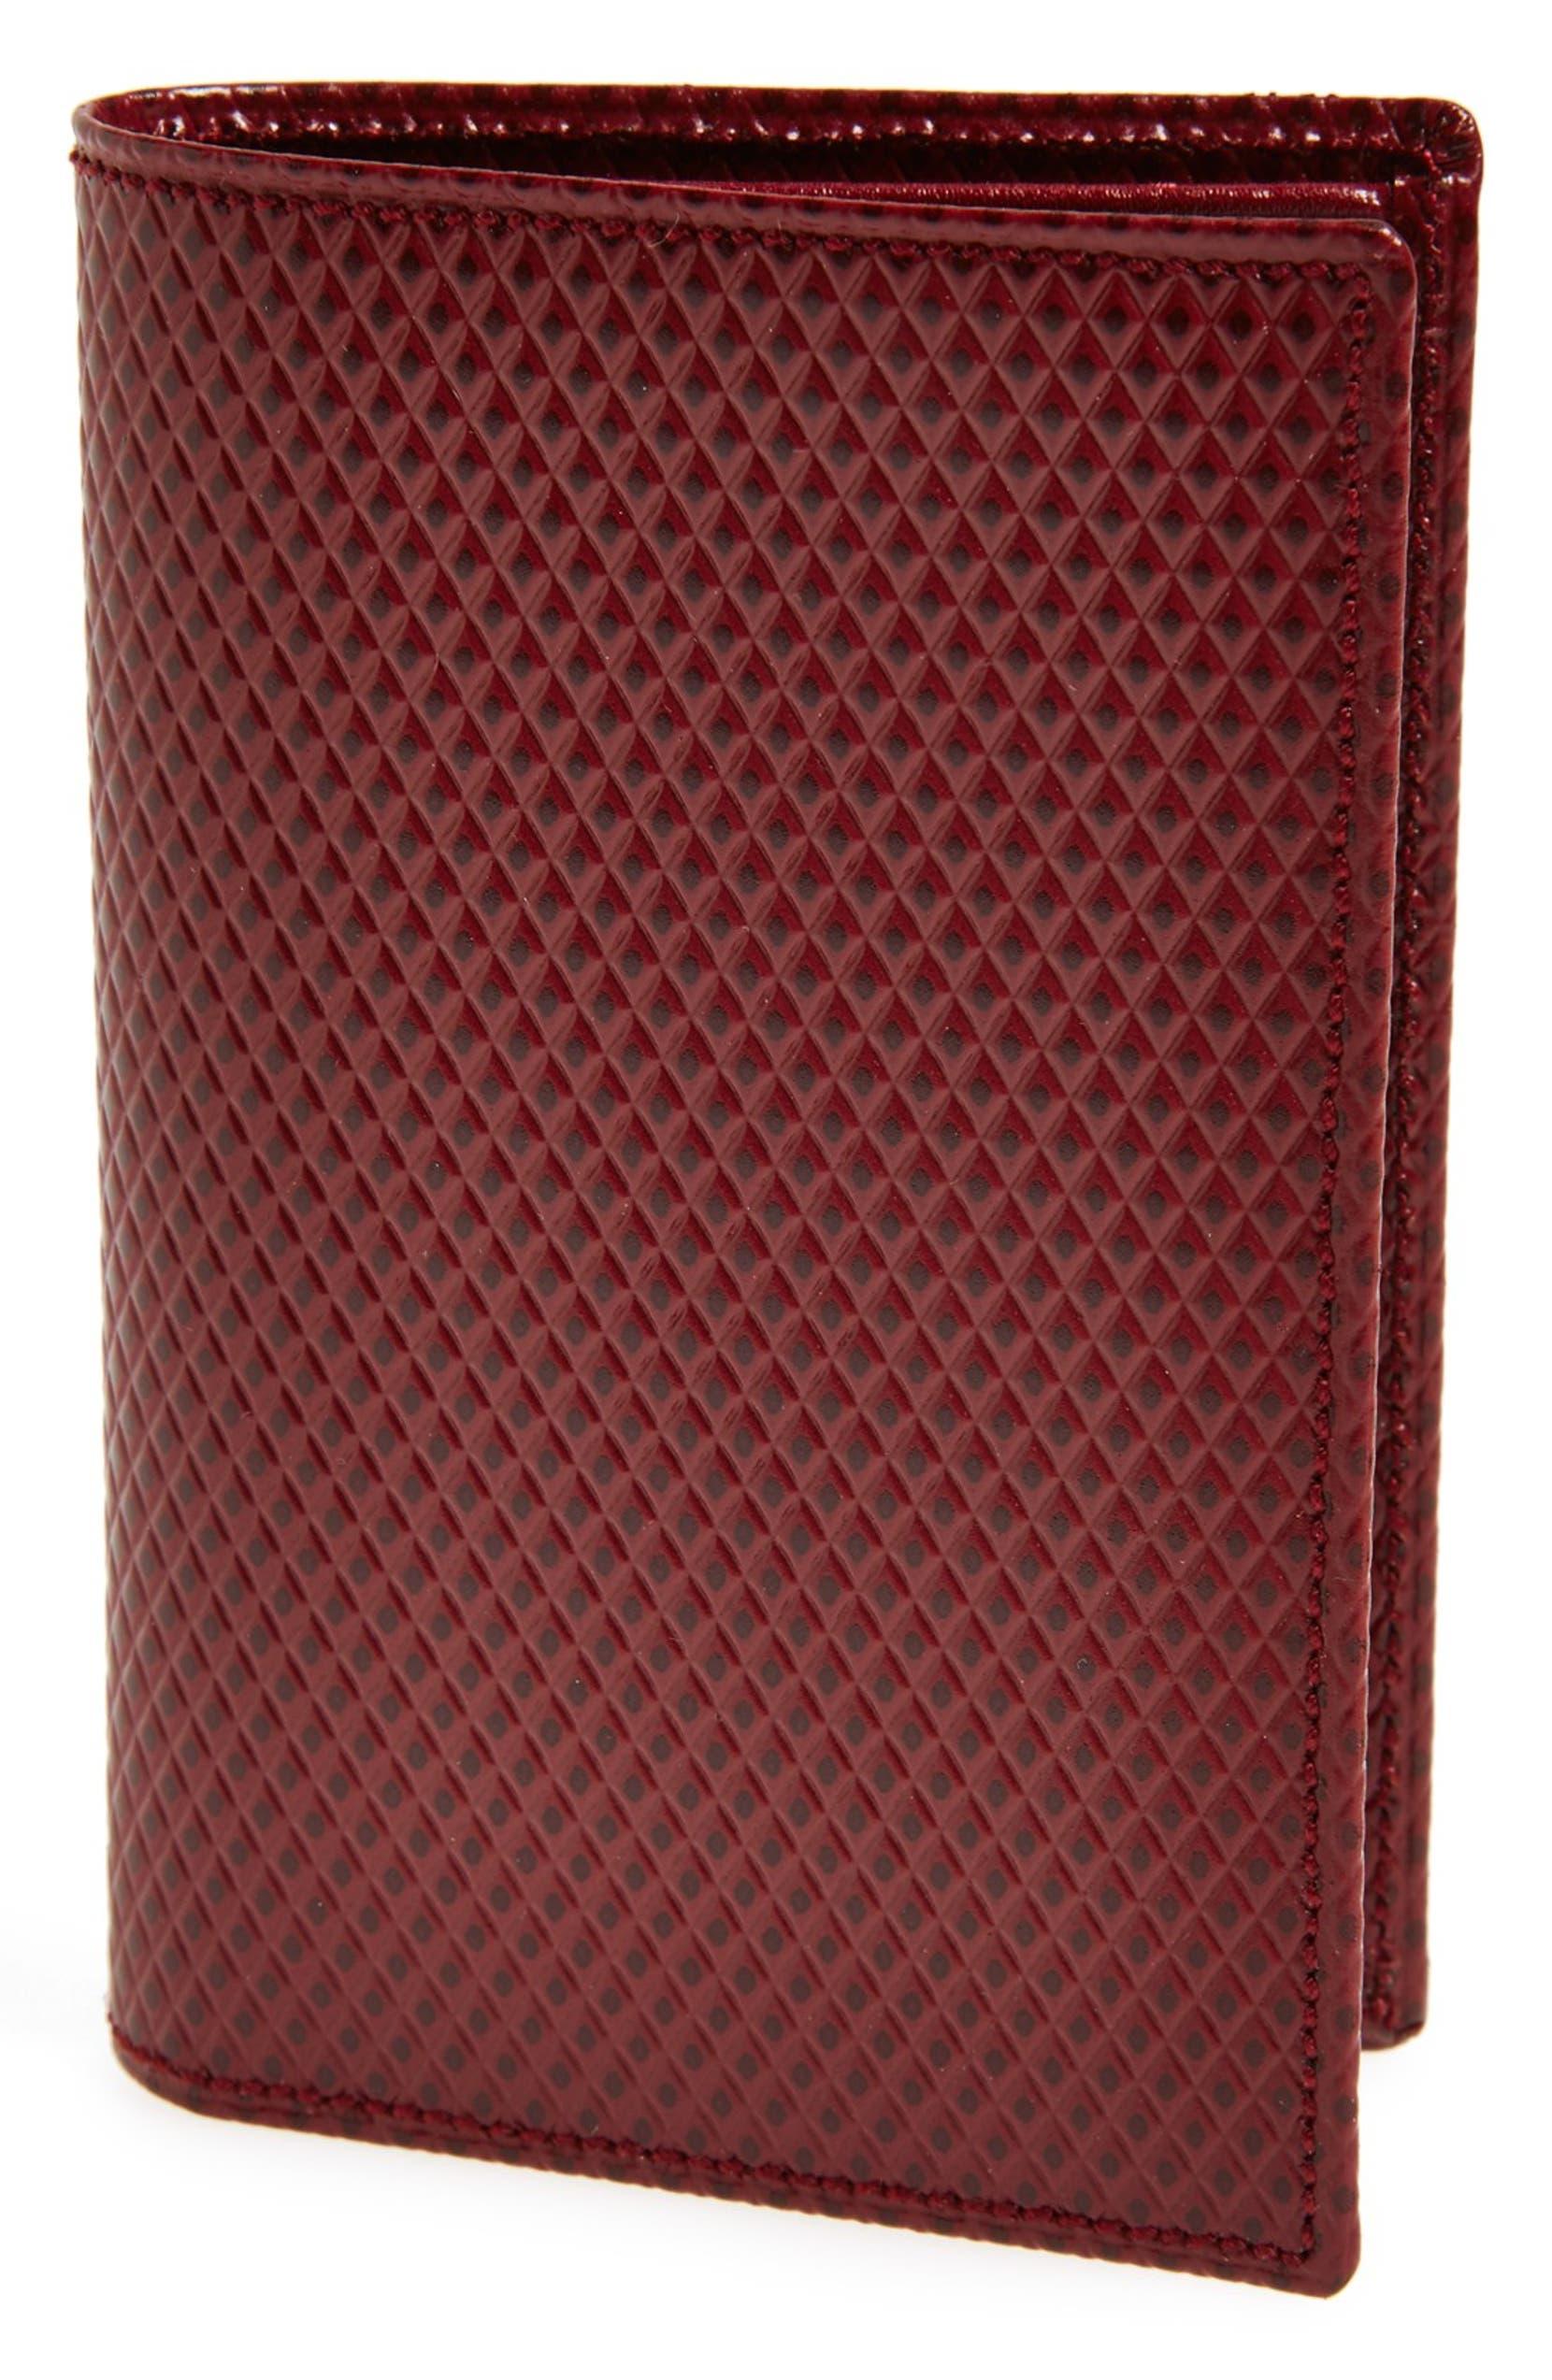 Comme des Garçons  Luxury Group  Card Case  6f540a1b301